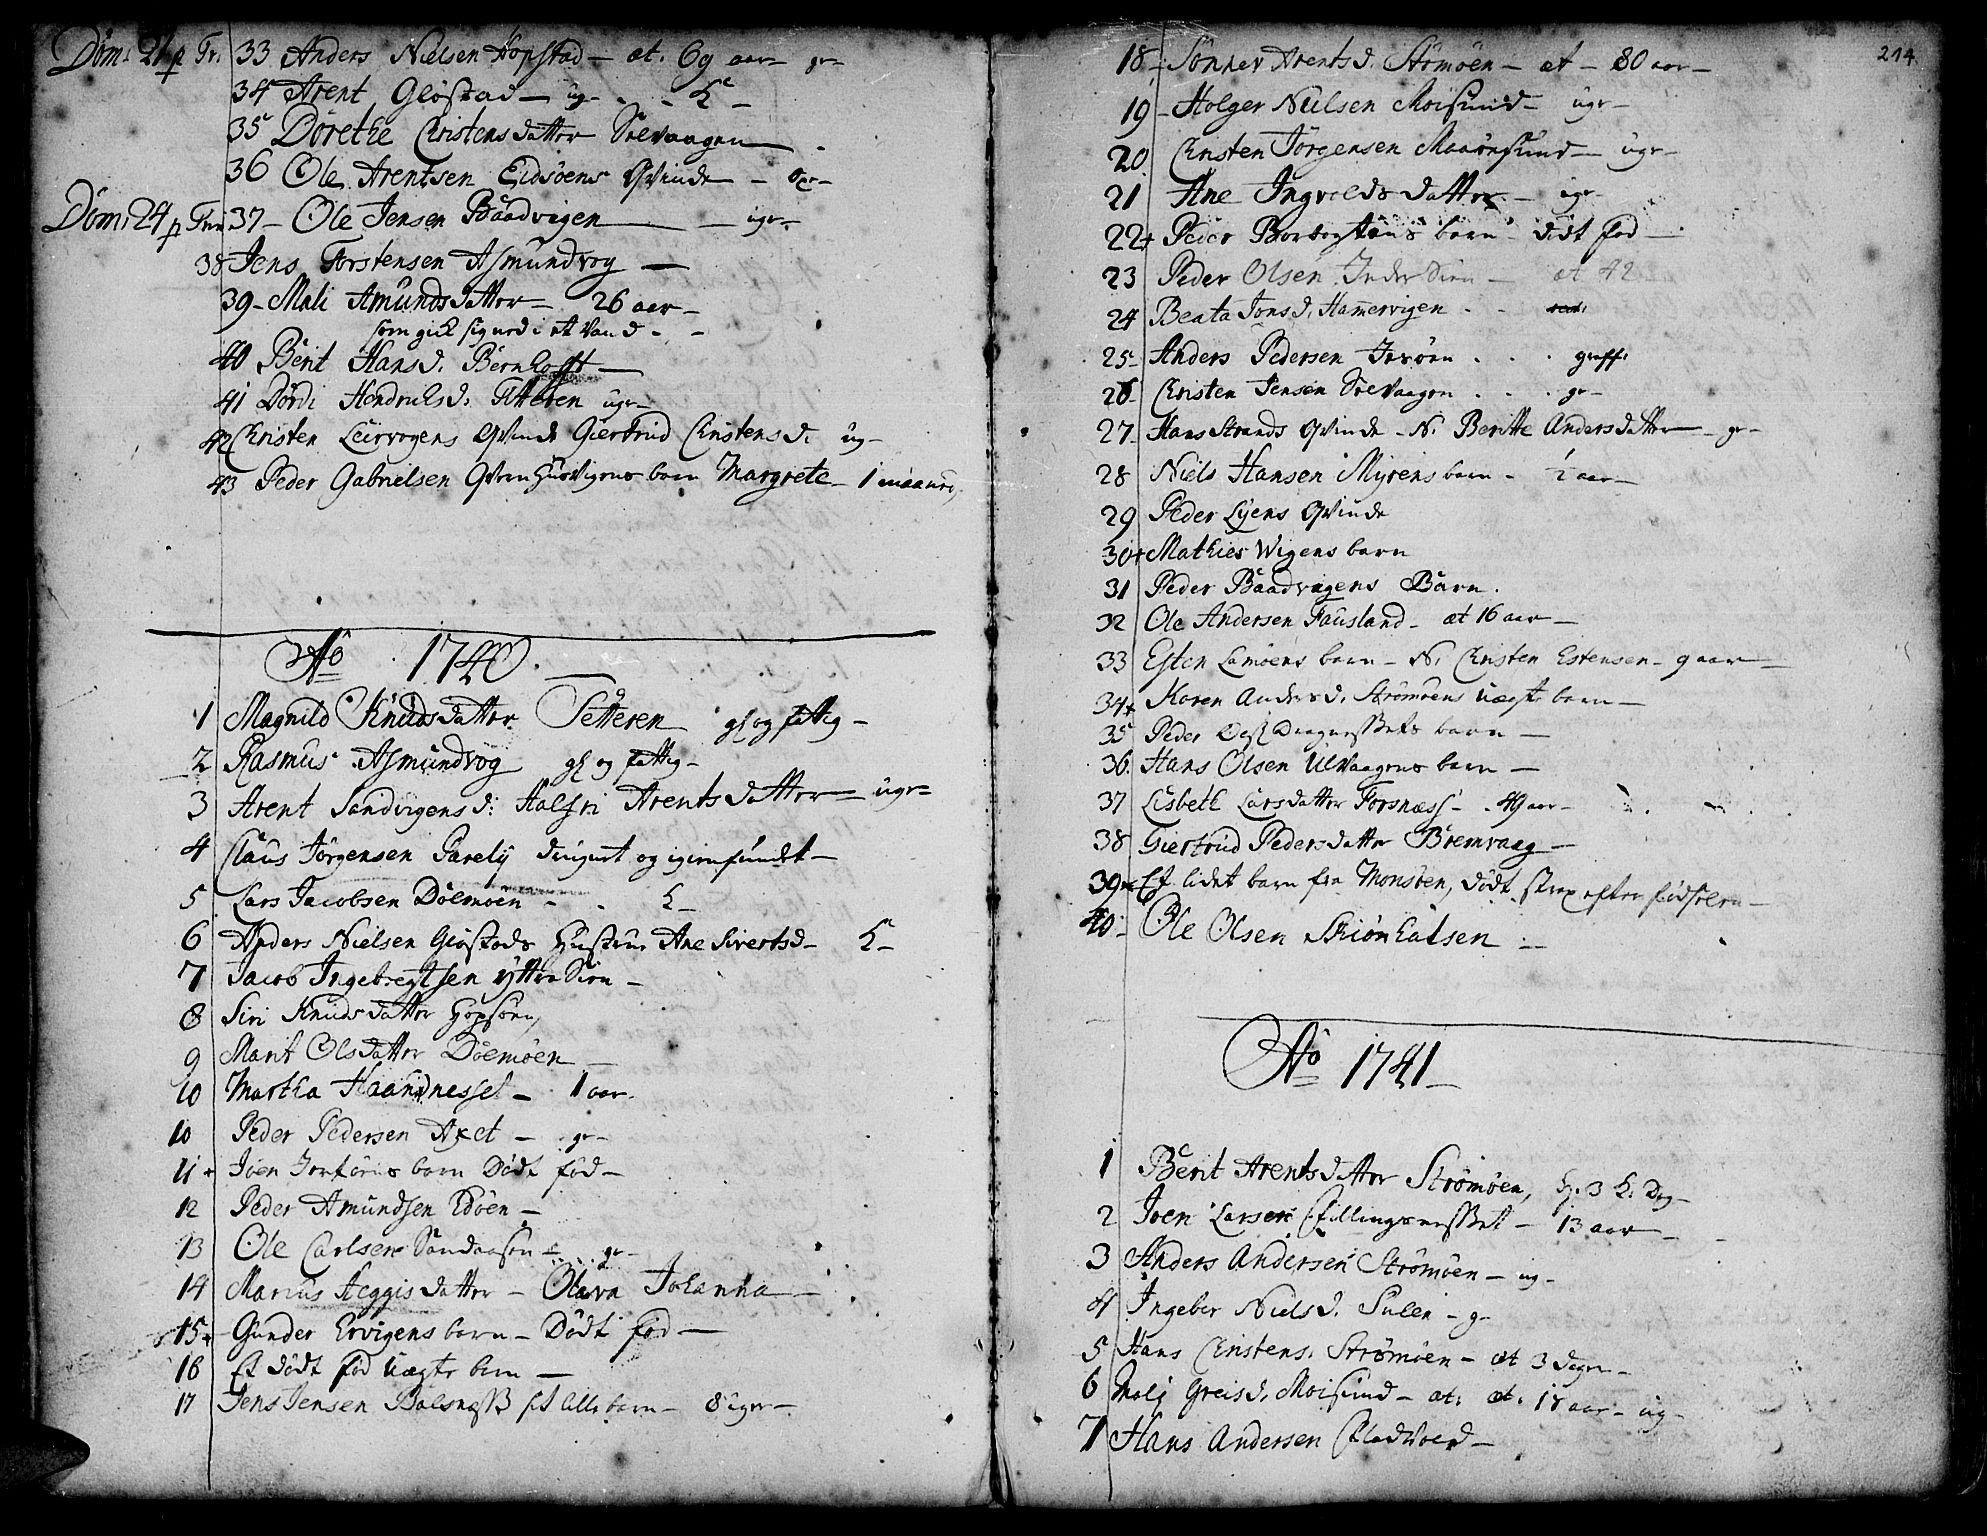 SAT, Ministerialprotokoller, klokkerbøker og fødselsregistre - Sør-Trøndelag, 634/L0525: Ministerialbok nr. 634A01, 1736-1775, s. 214